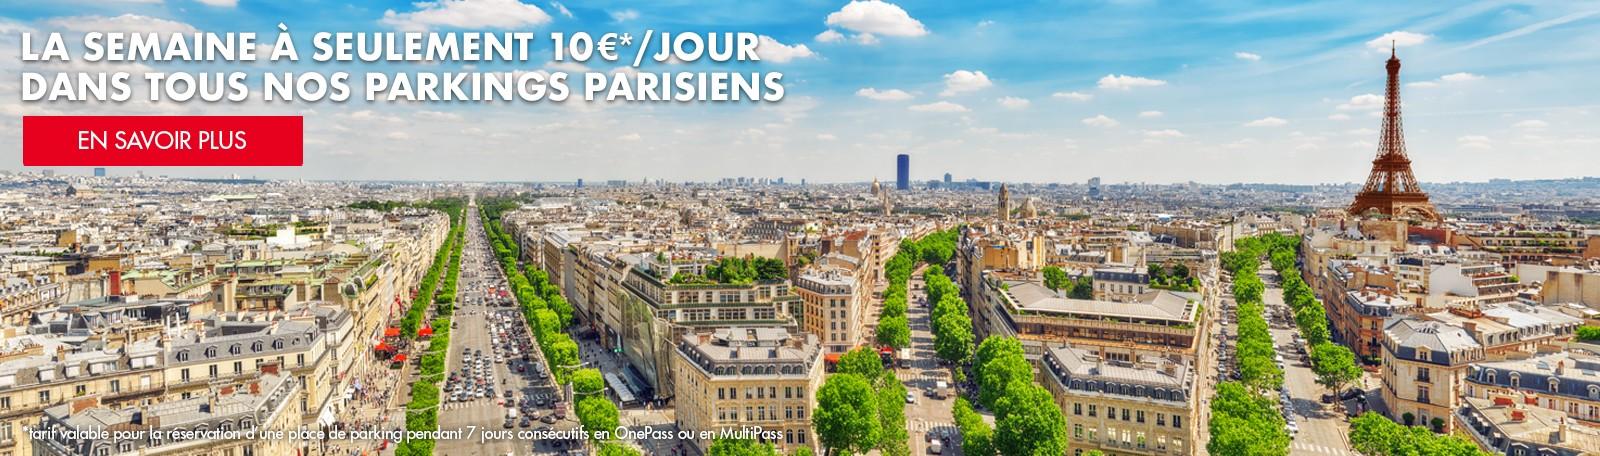 La semaine à seulement 10€/jour dans tous nos parkings parisiens